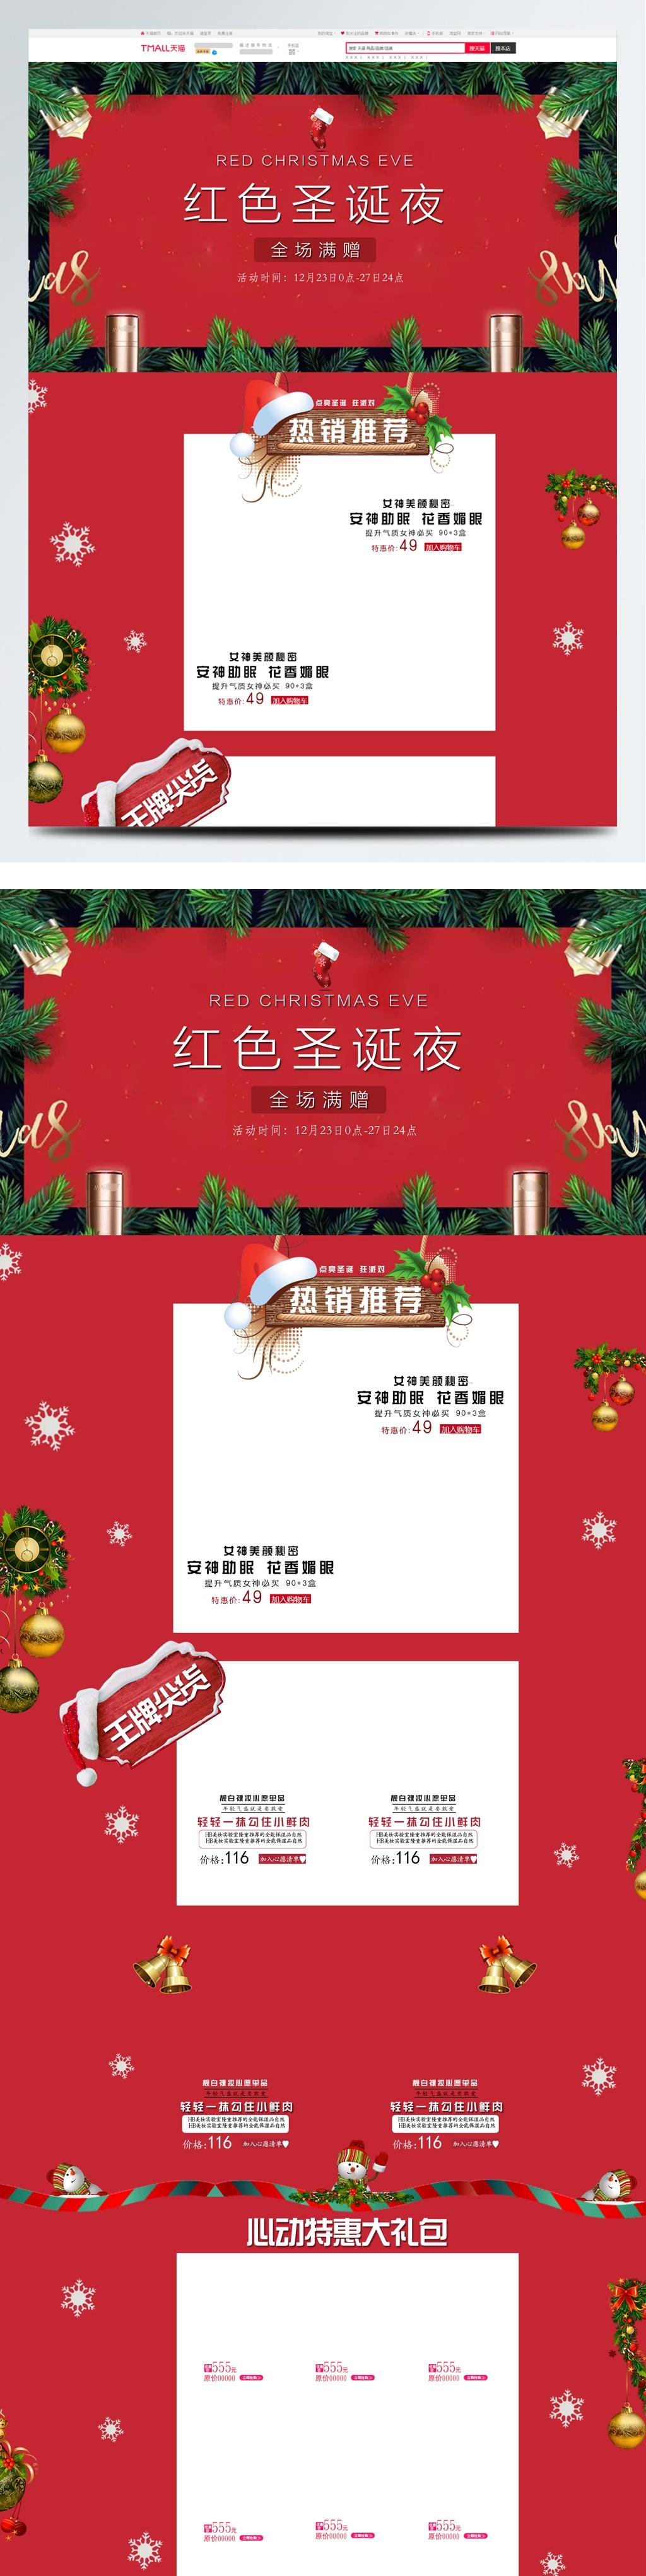 圣诞红色背景装饰灯雪花淘宝装修圣诞节首页